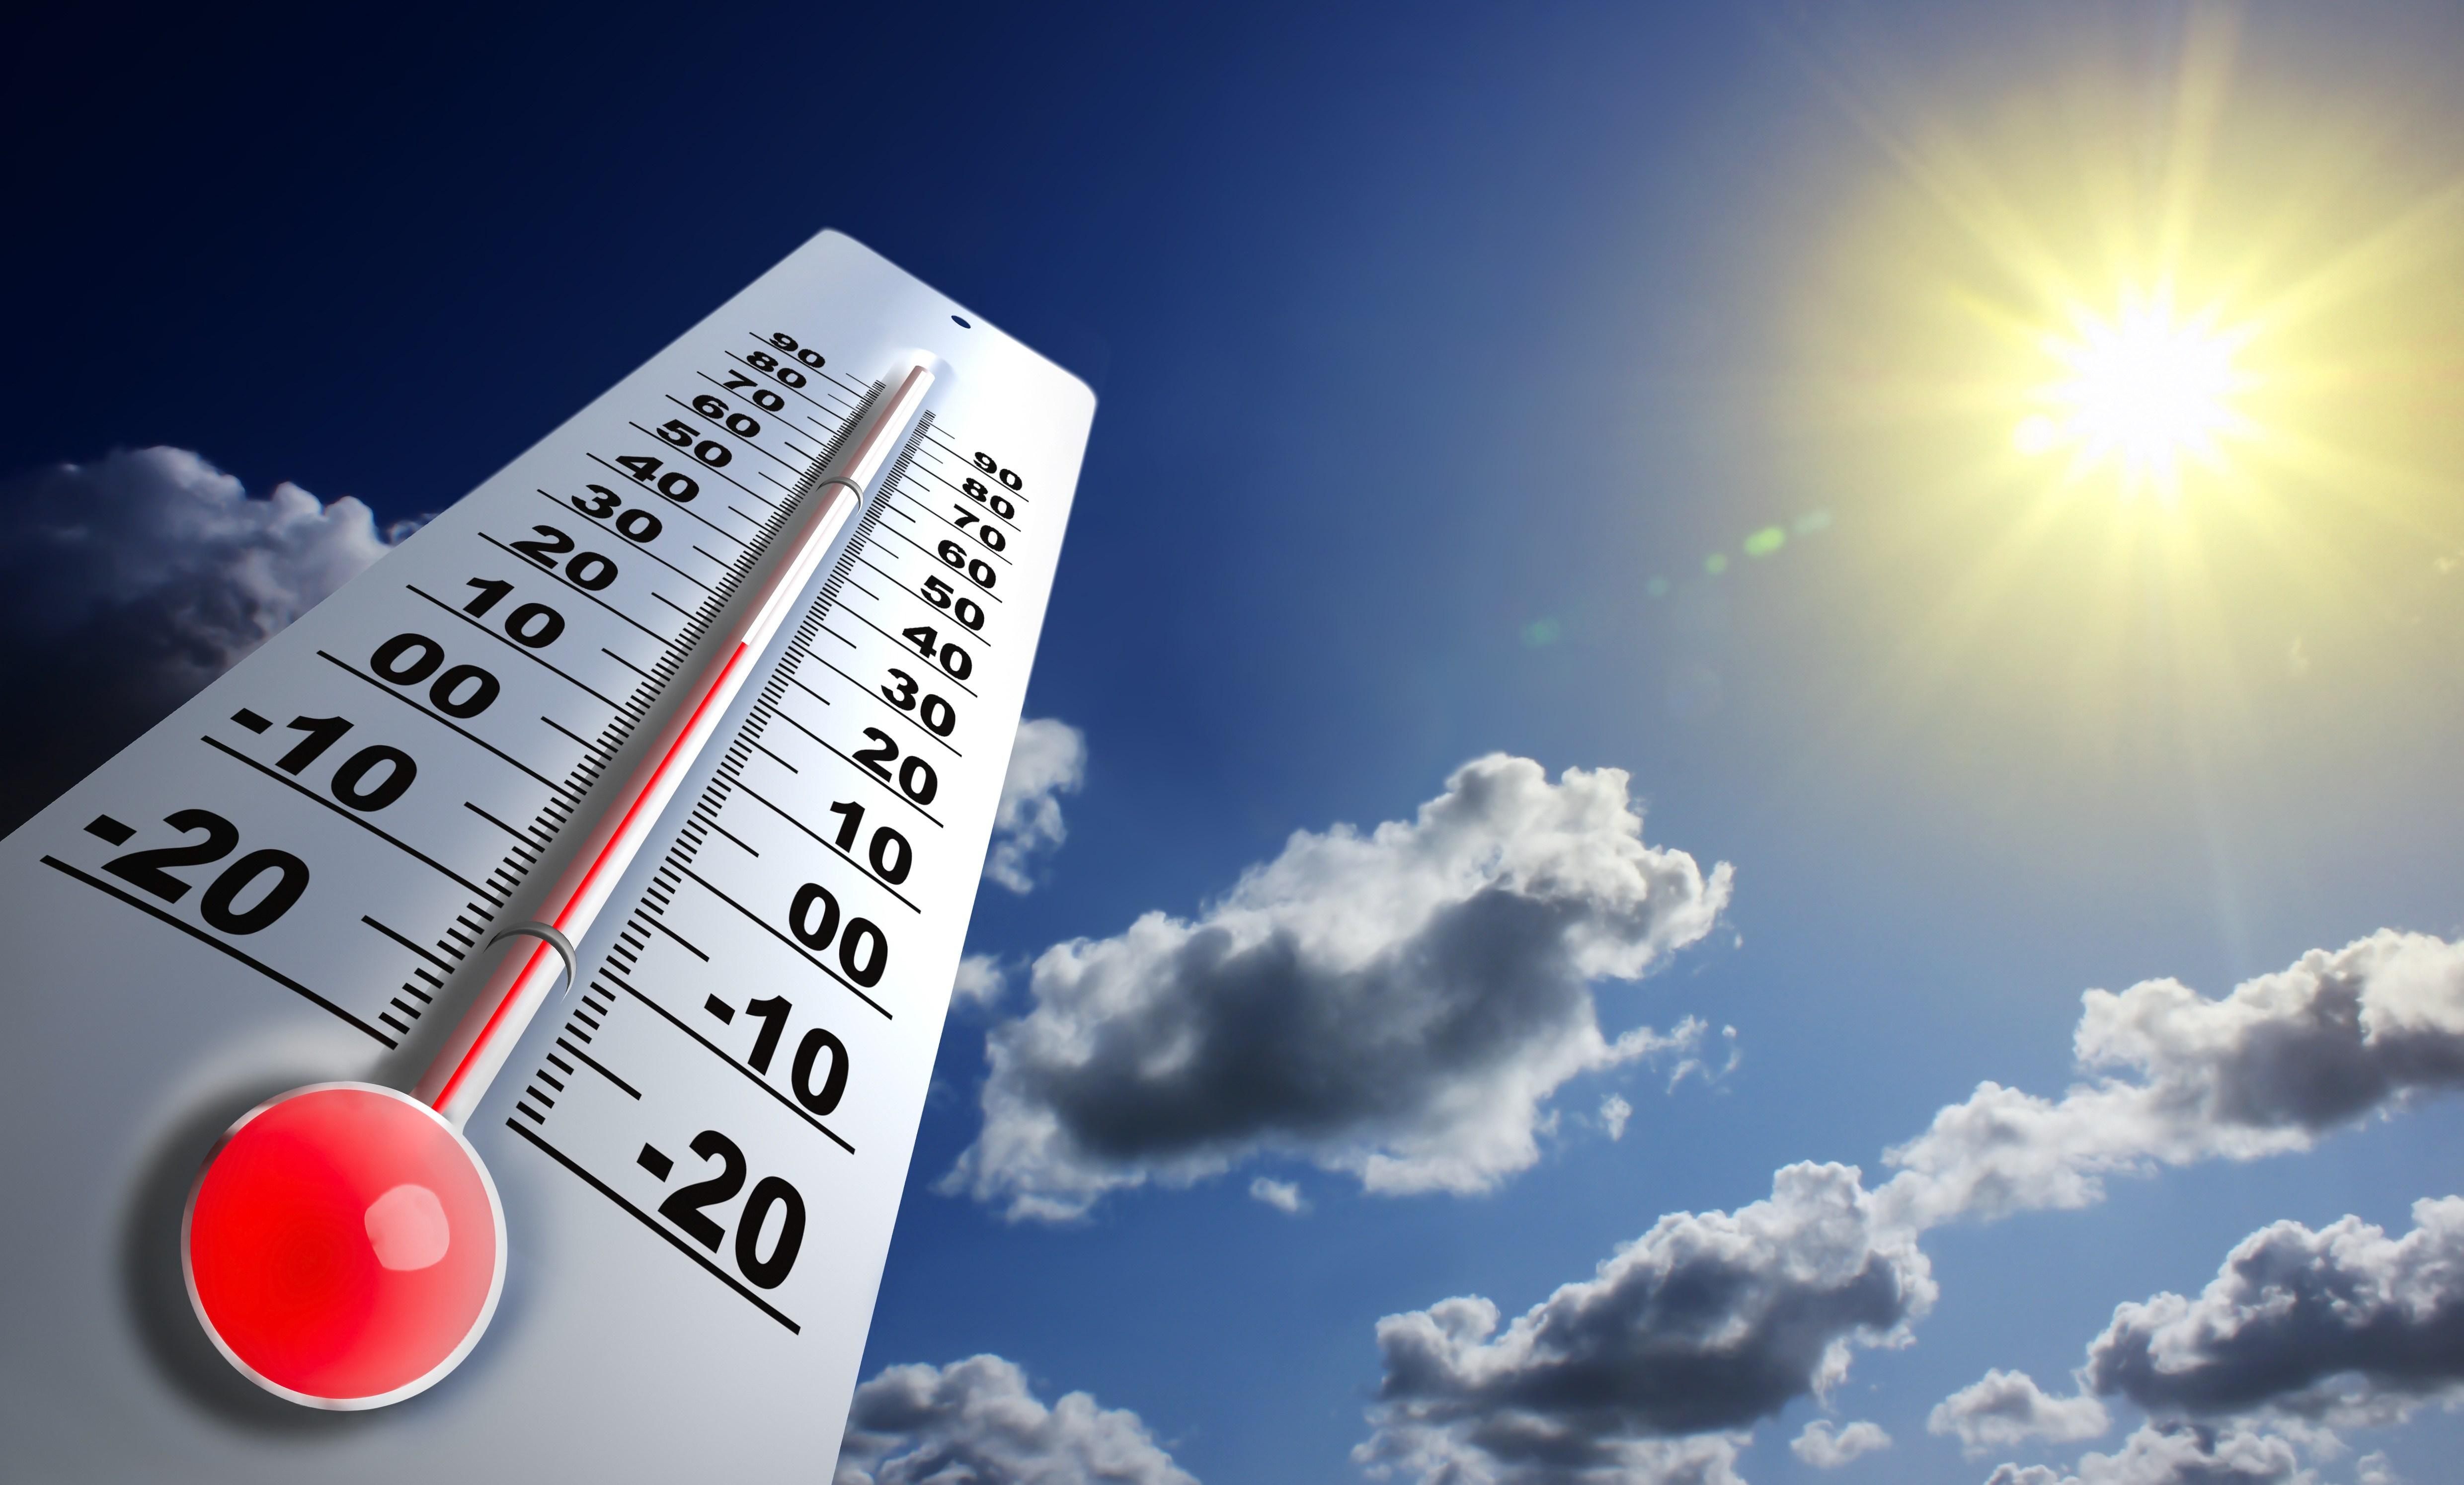 توقعات أحوال الطقس يوم غد الجمعة بالمغرب